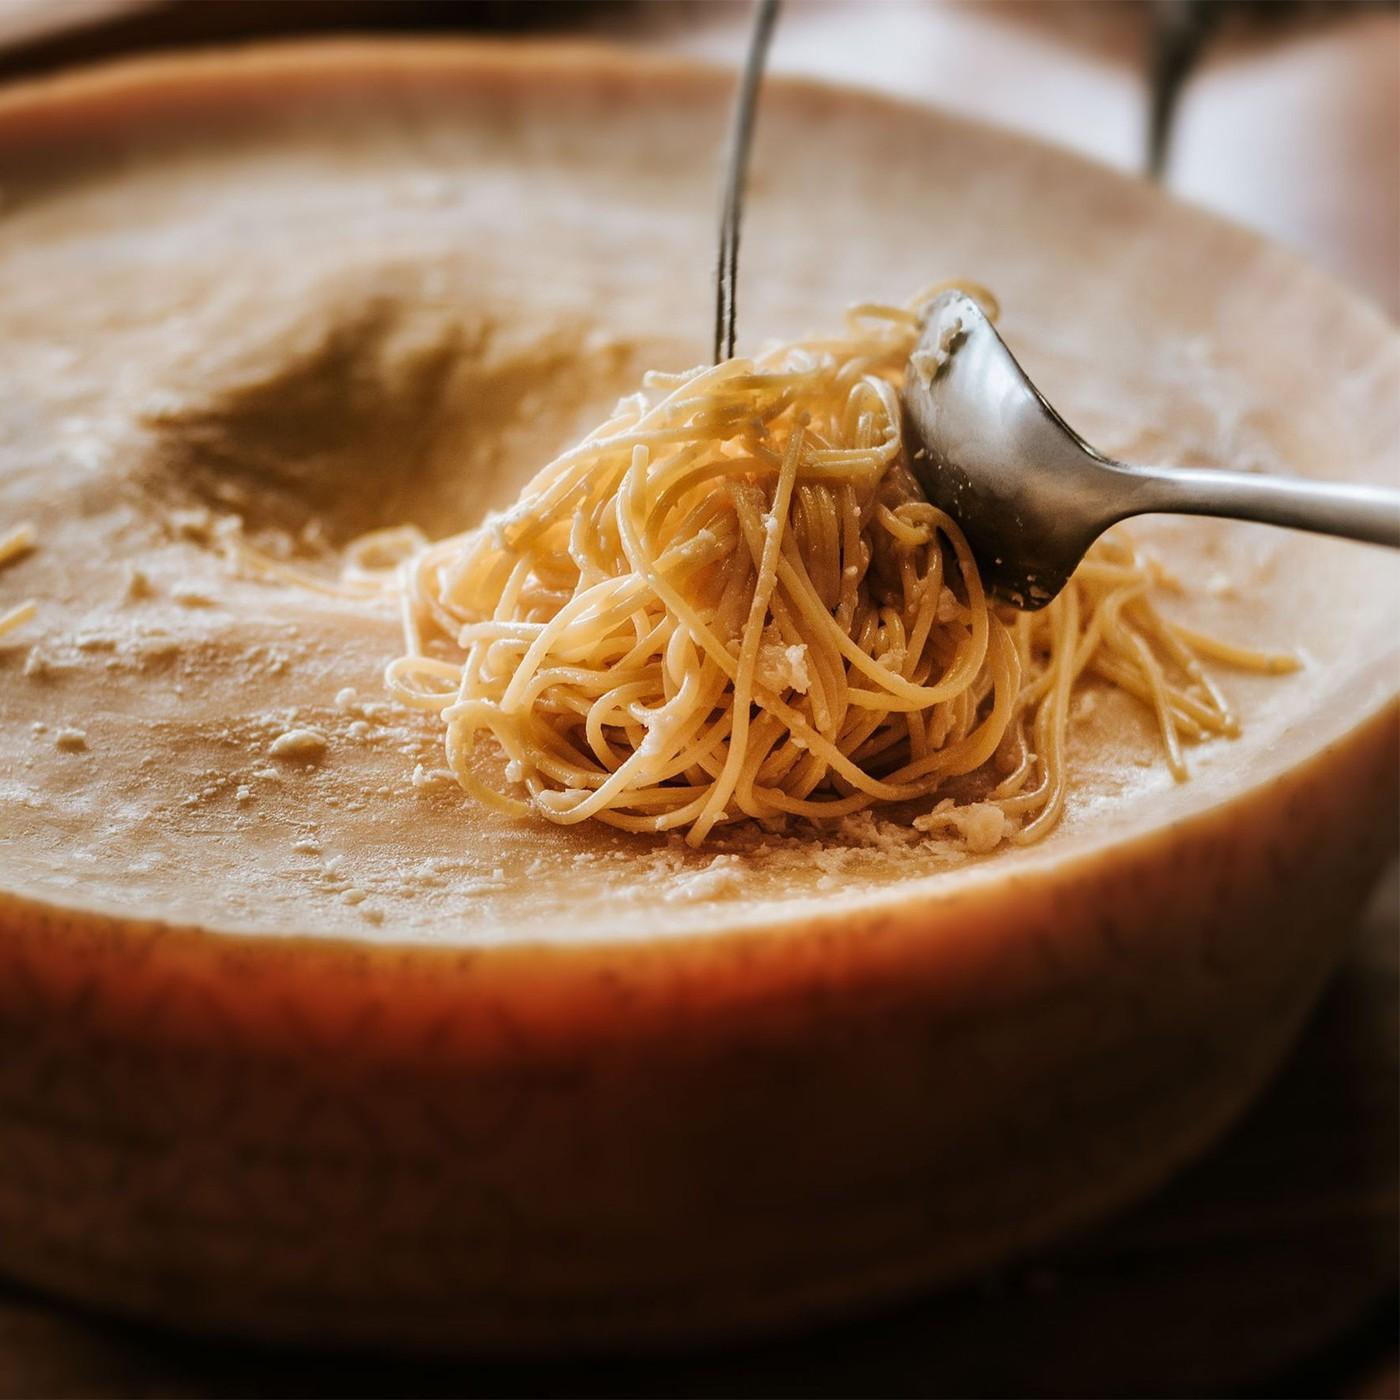 receta de Grana padano dop 1/2 rueda